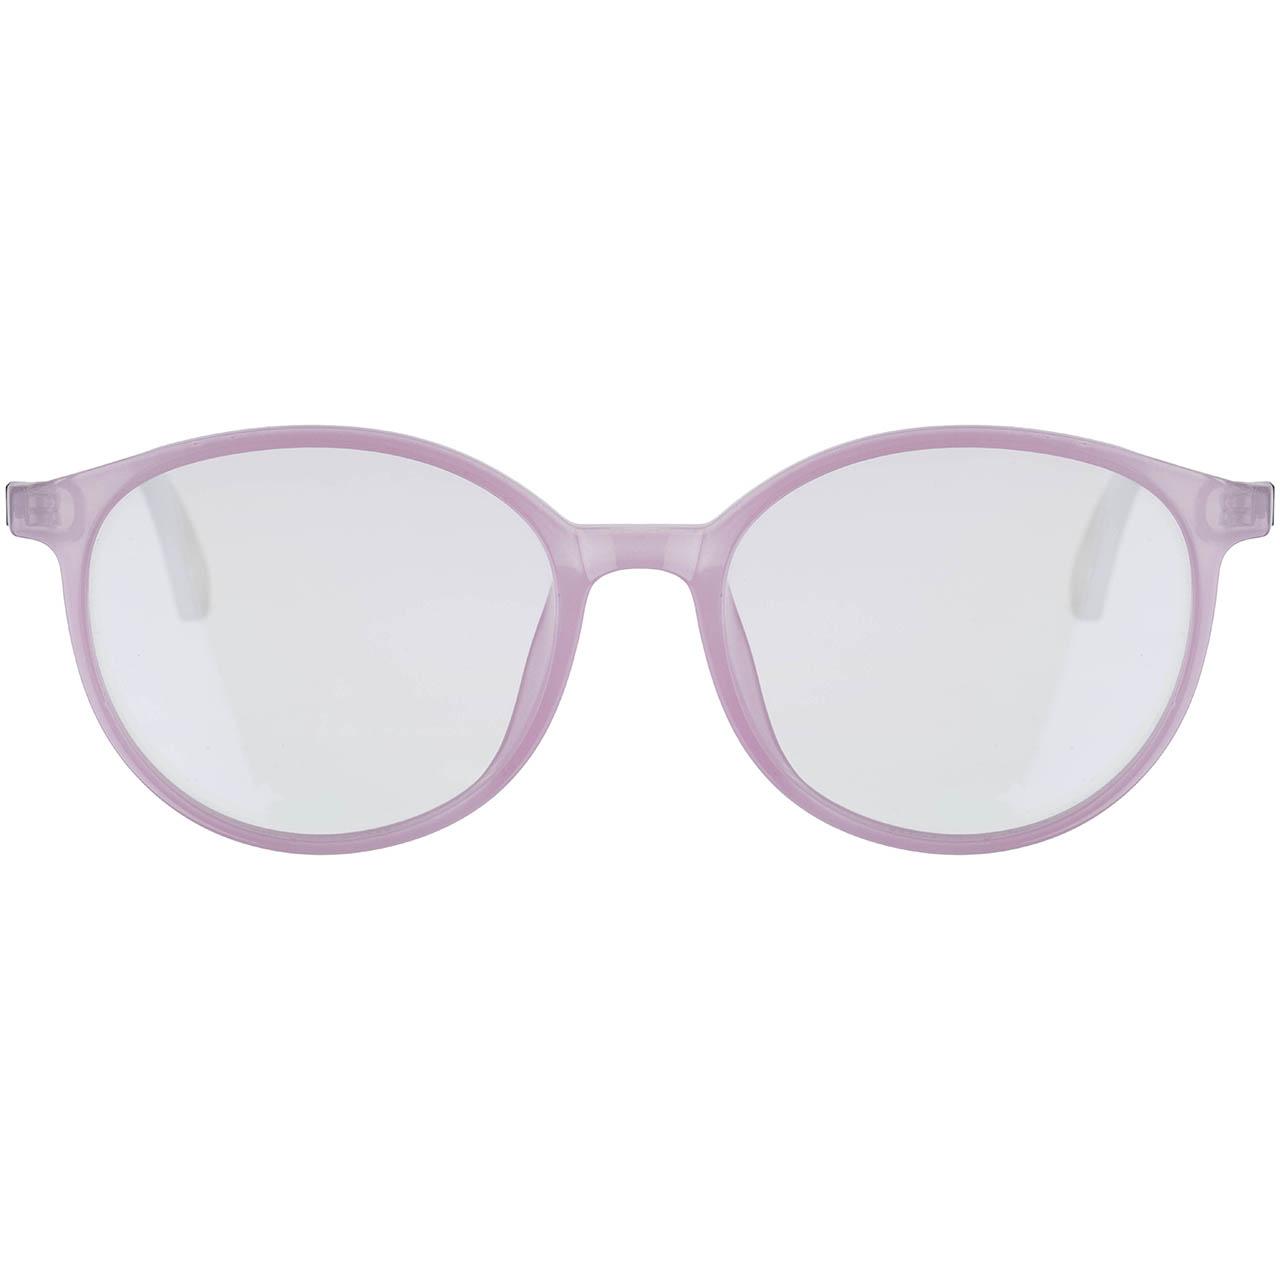 قیمت فریم عینک طبی  مدل b1167d